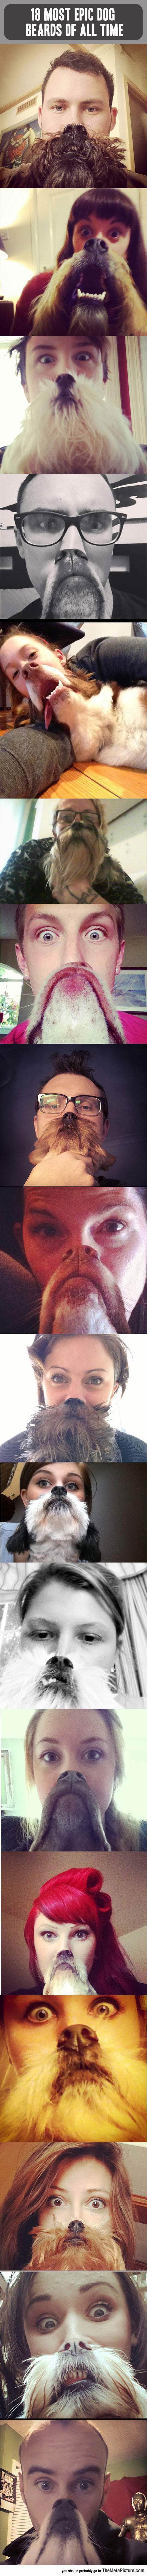 Epic Dog Beards